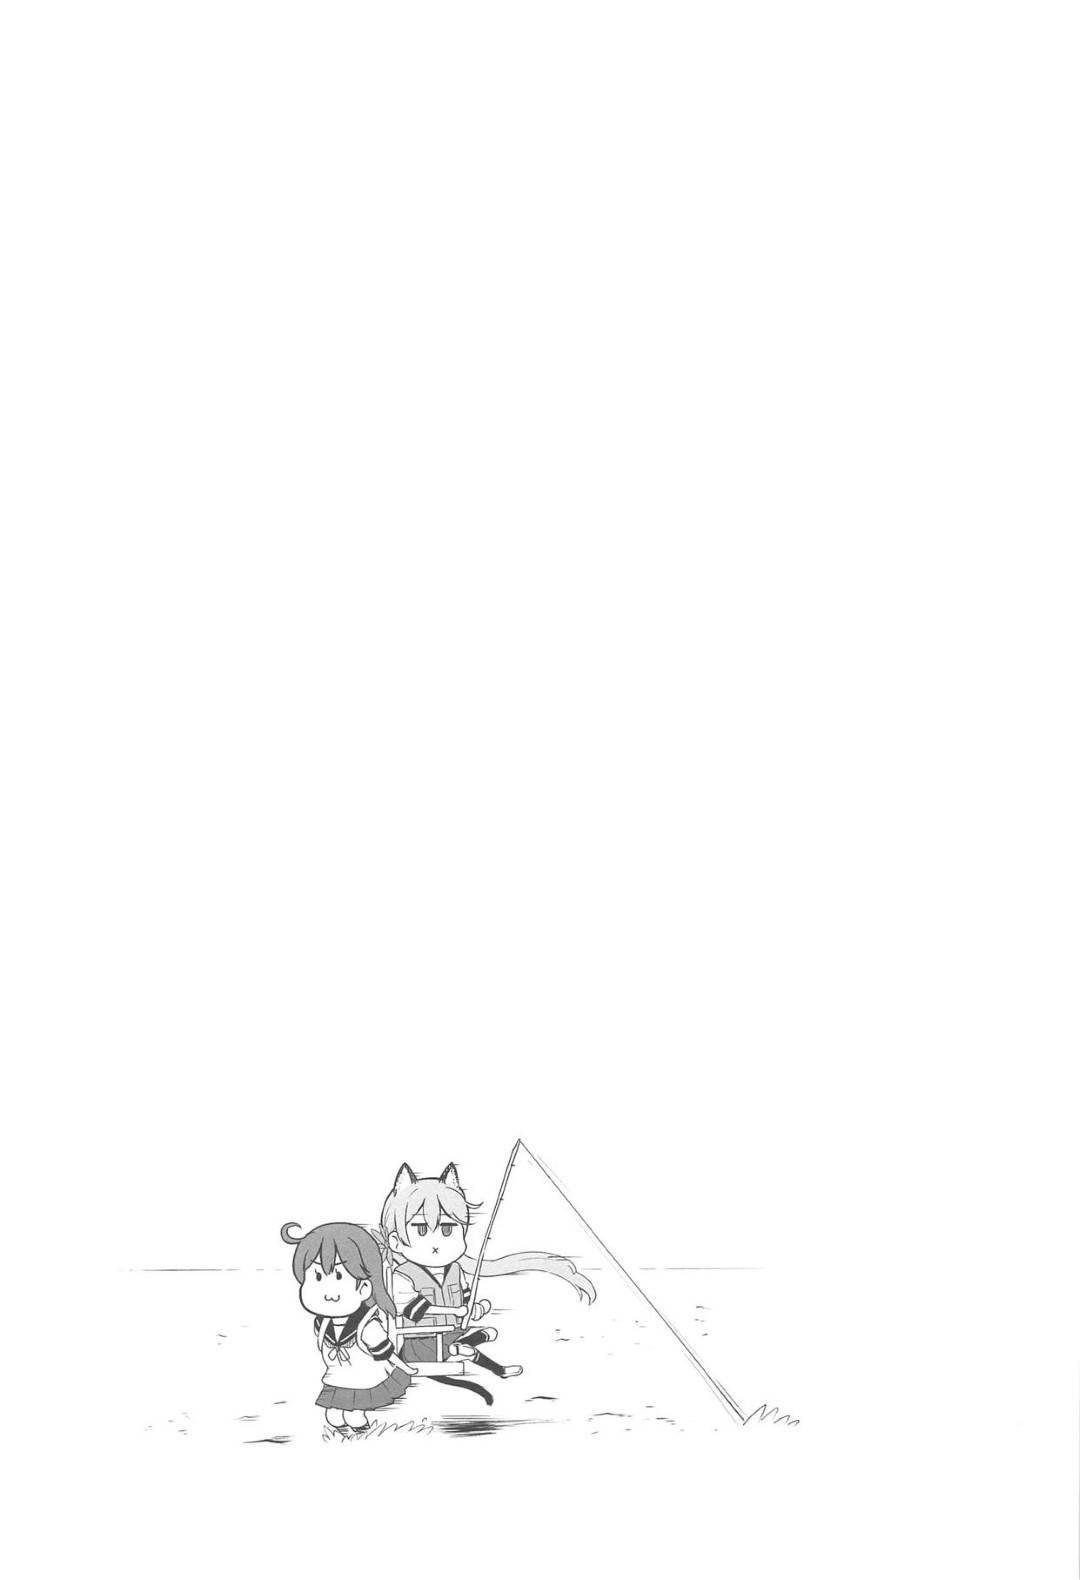 【艦これエロ漫画】猫耳や尻尾が生えて猫化してしまった曙。本能に動いてしまう彼女は発情状態で提督上に跨って誘惑し、フェラさせられてしまう。口内射精した後も勃起したままの彼は正常位で挿入してイチャラブセックスへ発展。【河上康】